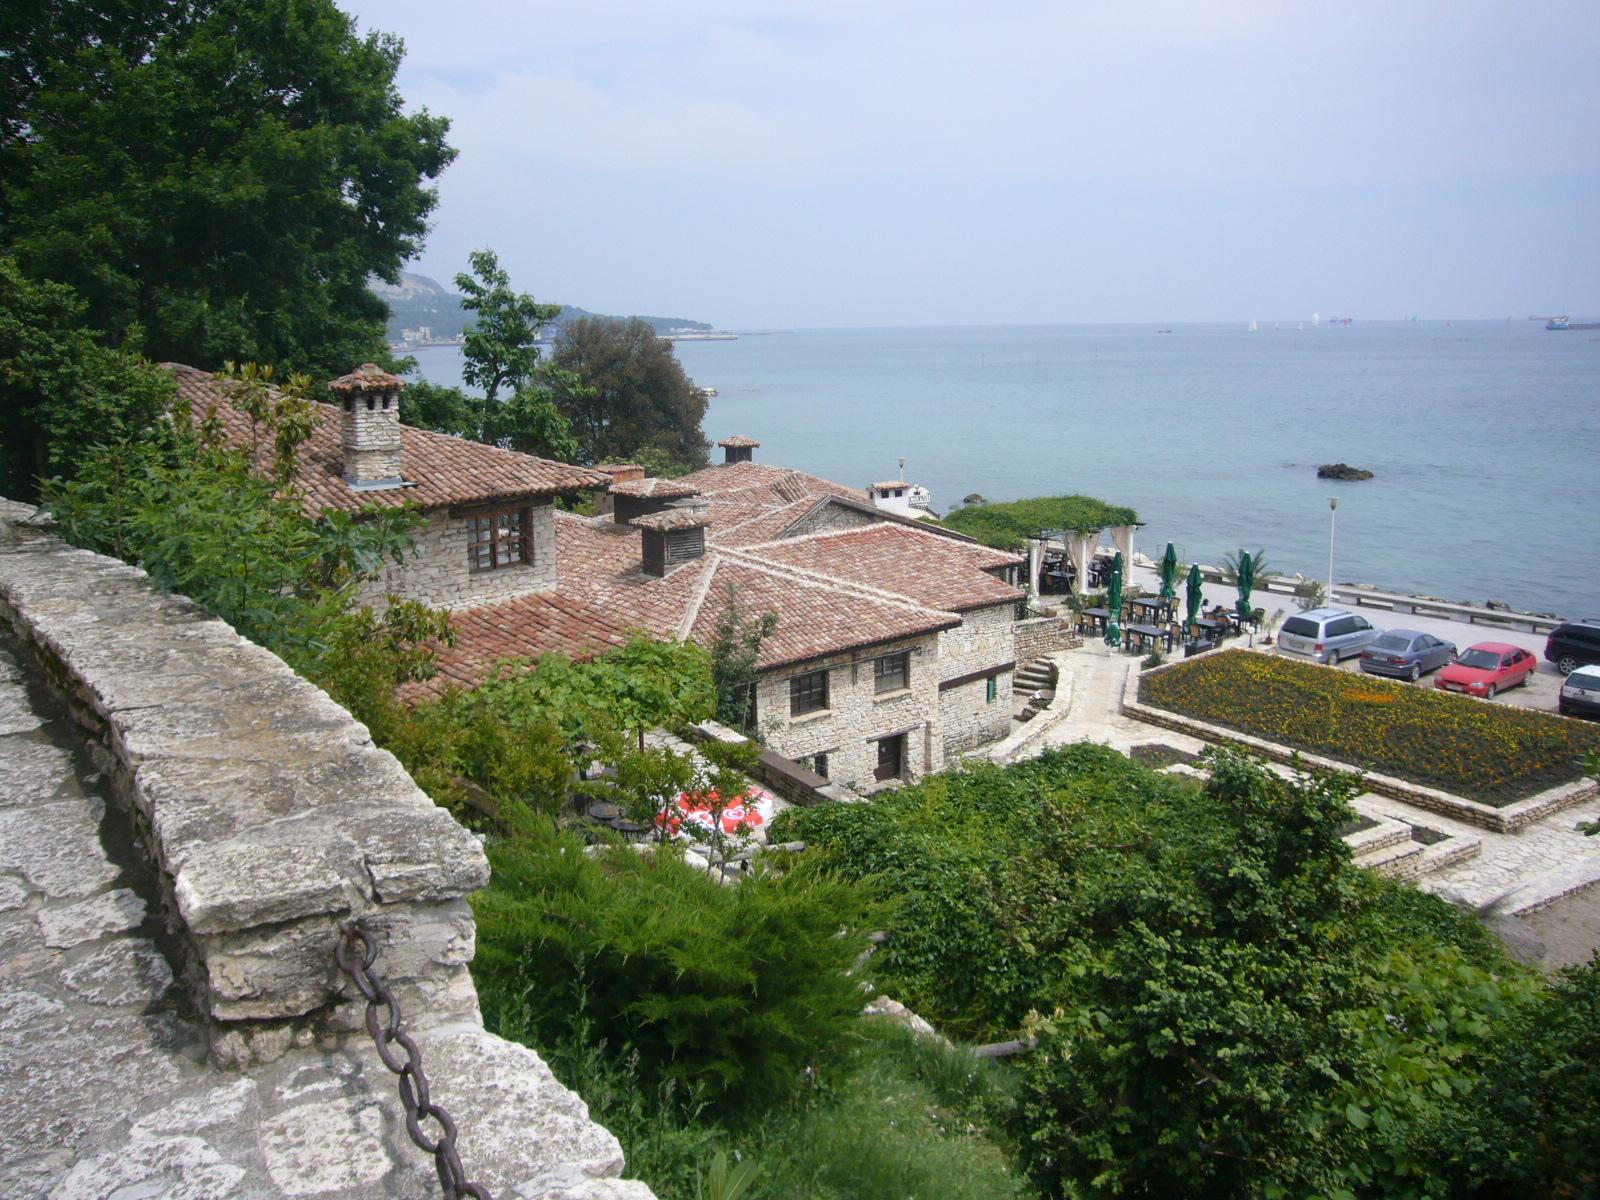 flores jardim do mar:pequena cidade de Baltschik fica na costa do Mar Negro